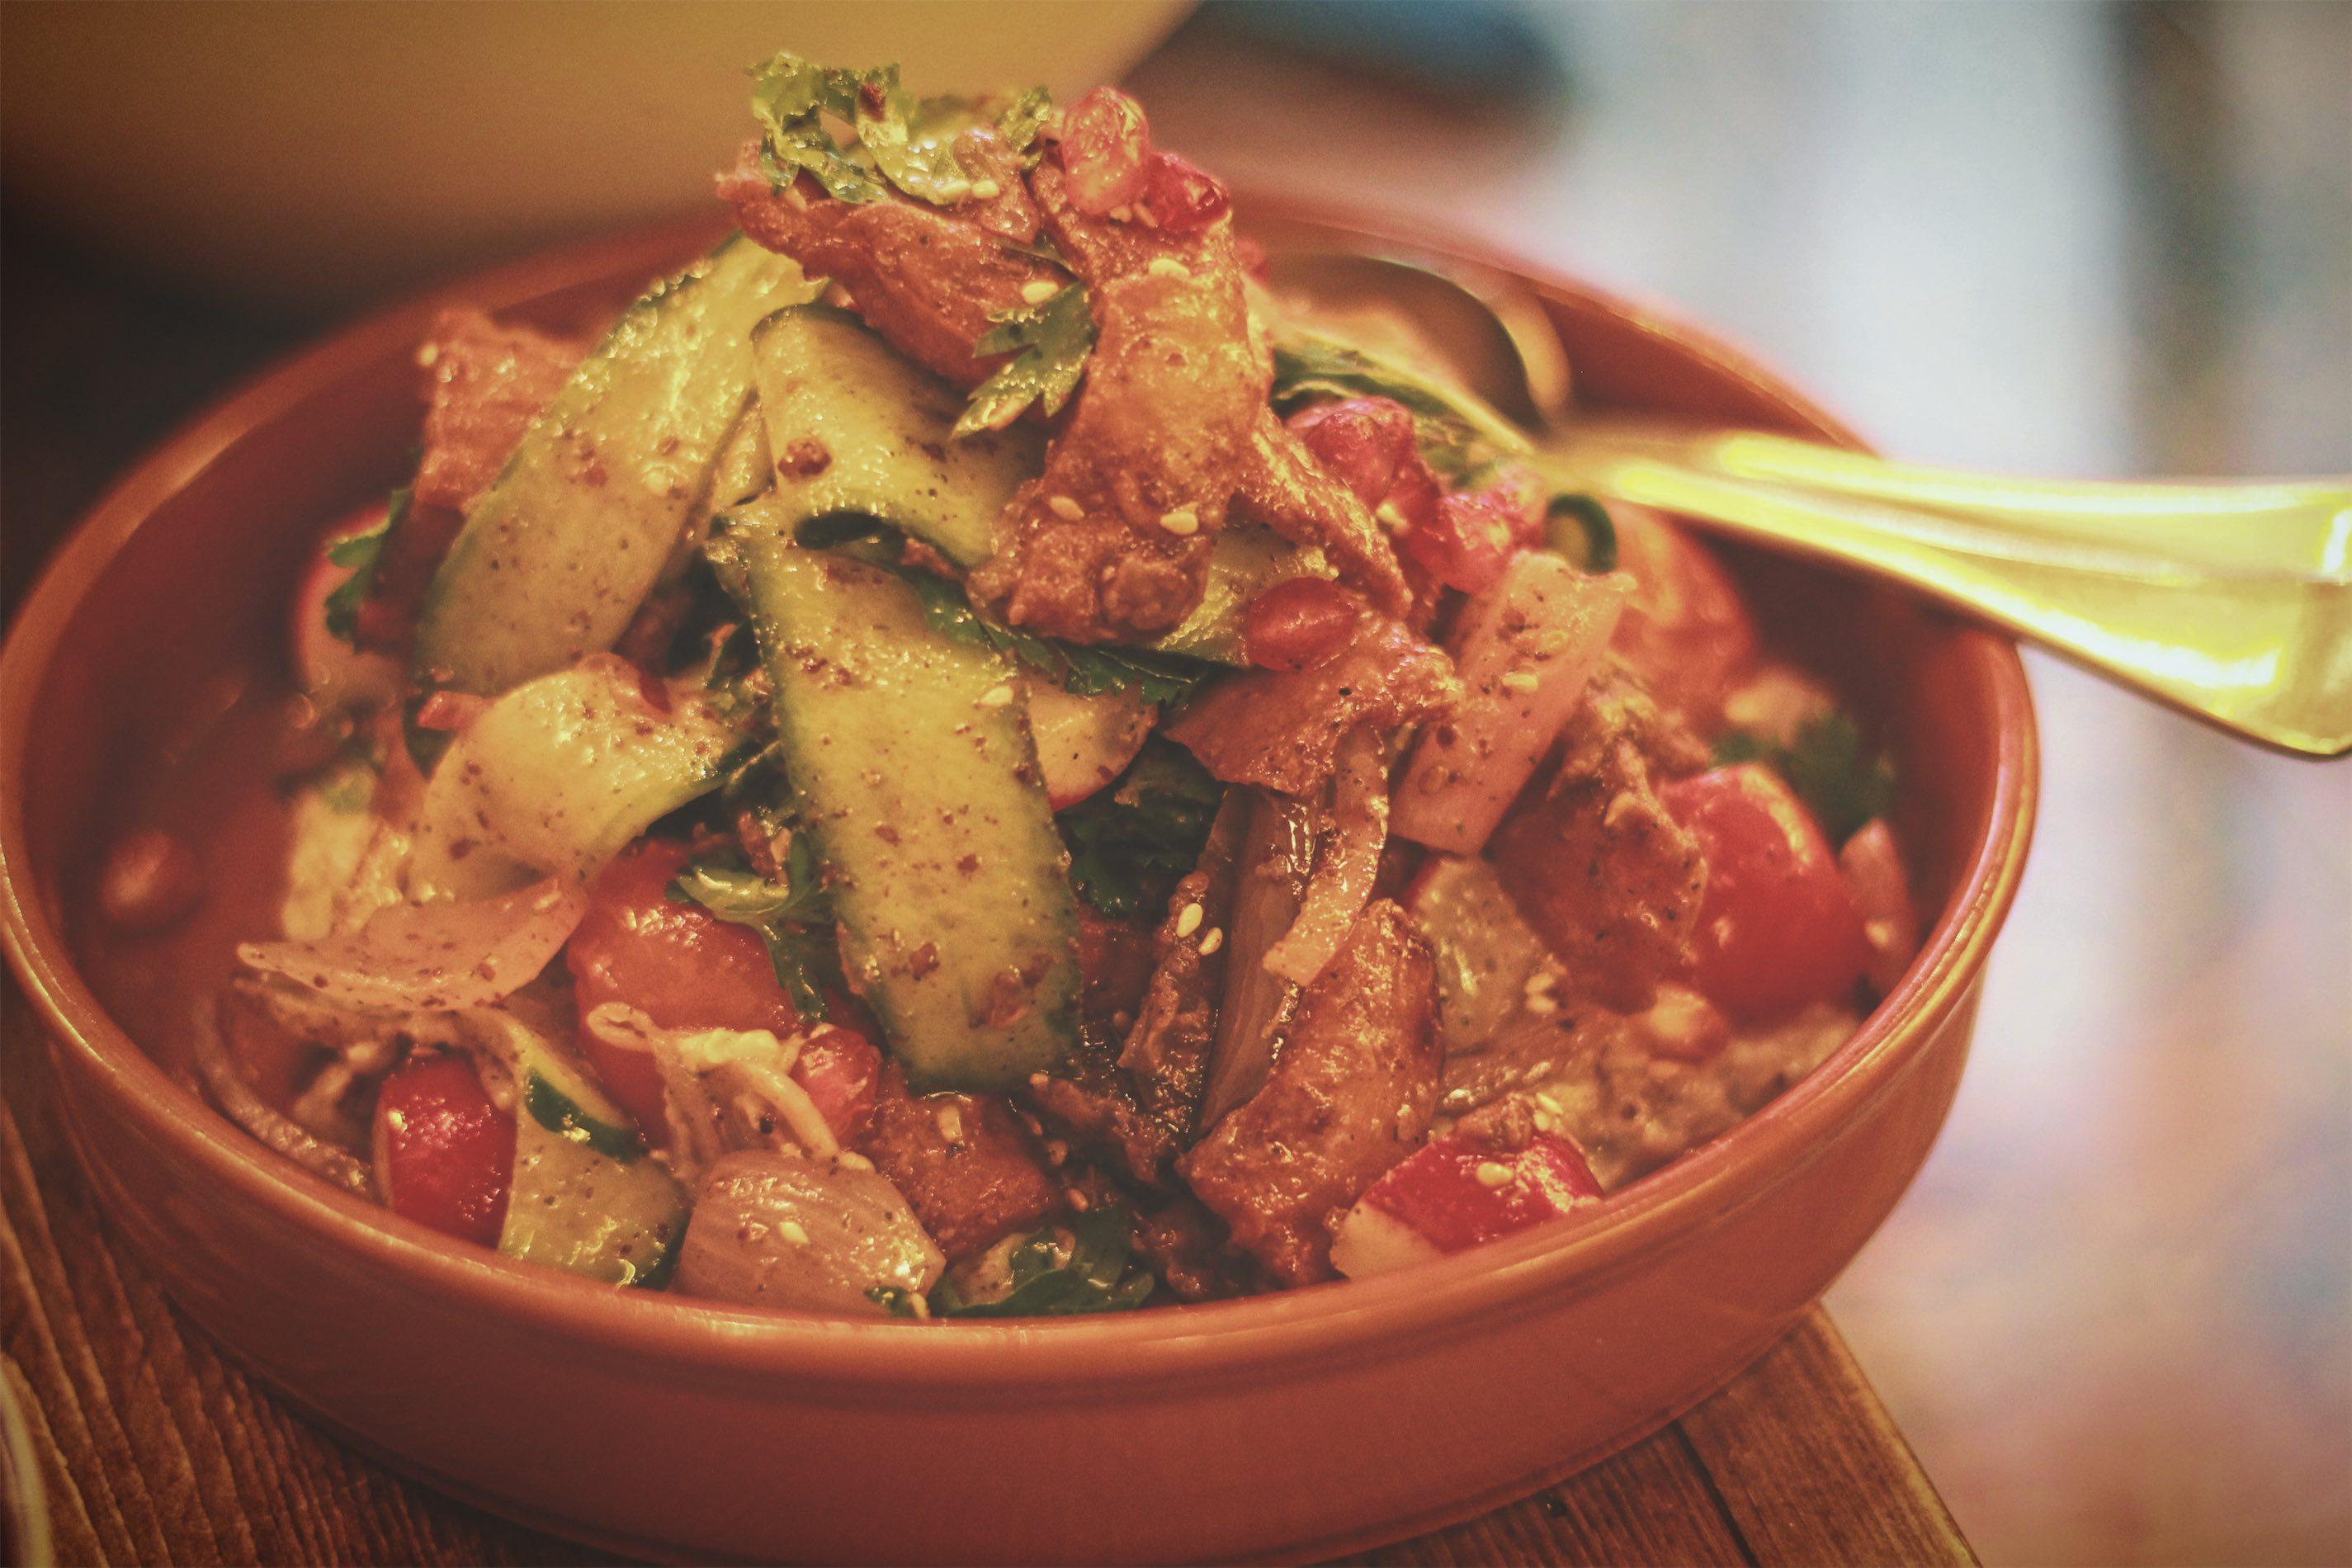 Hong Kong: Fattoush Salad at Maison Libanaise